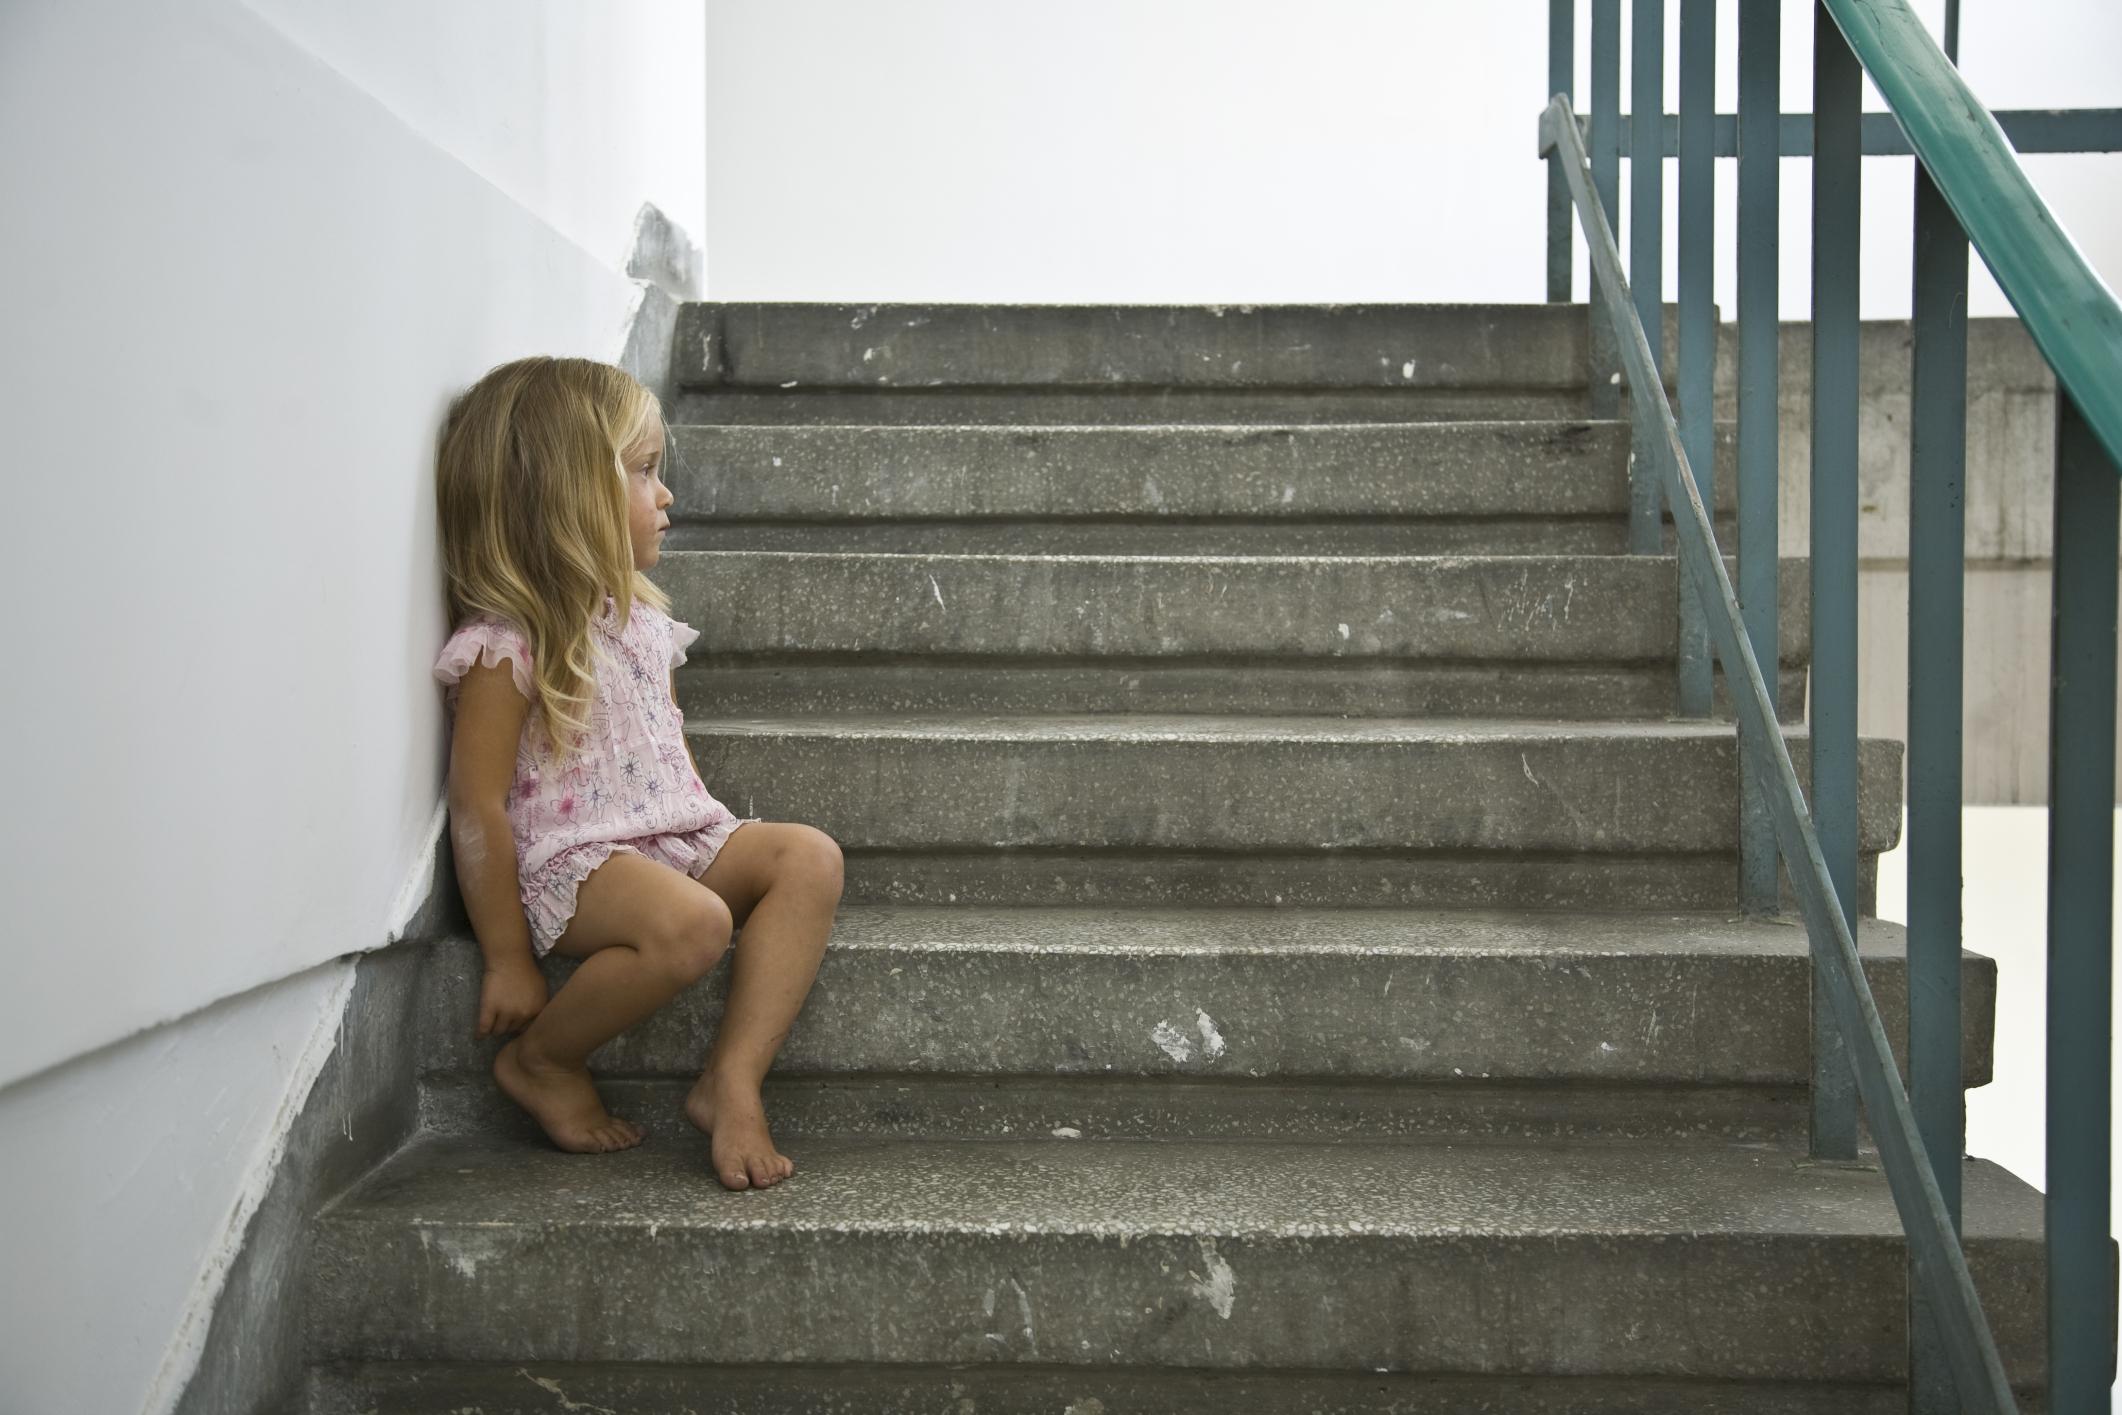 girl poverty